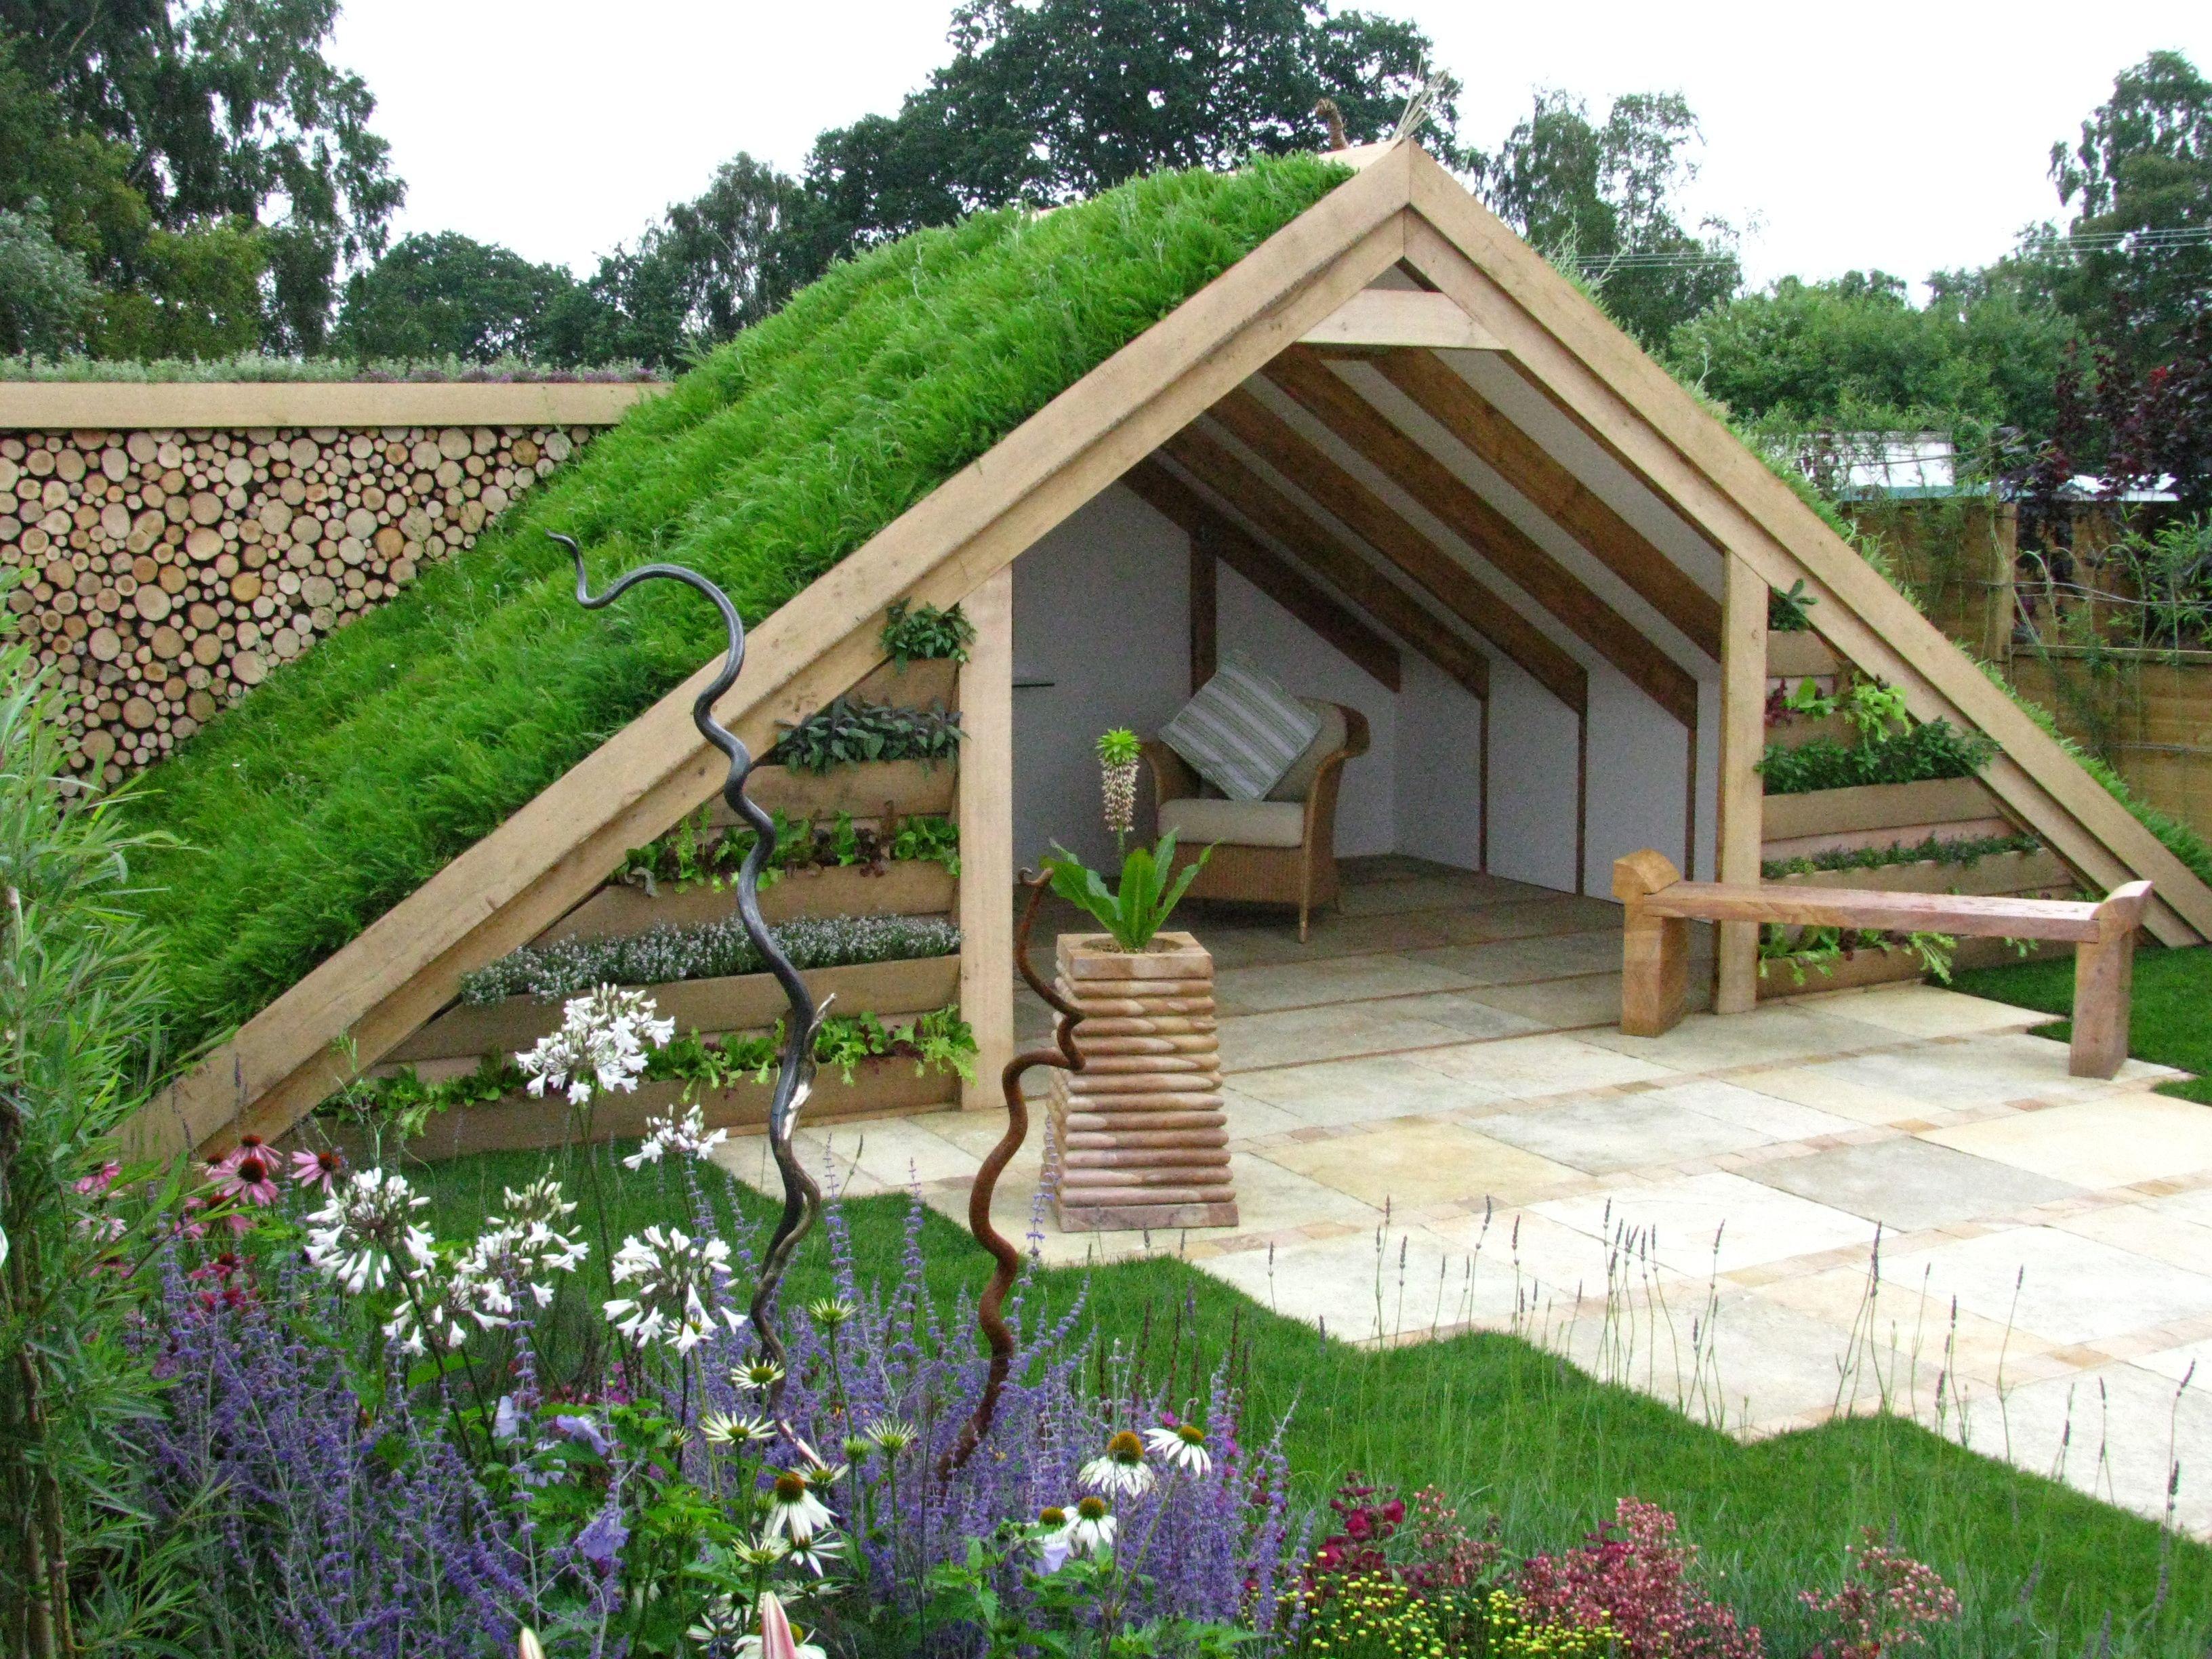 unterstand, dreieck | landscape architecture | pinterest | garden